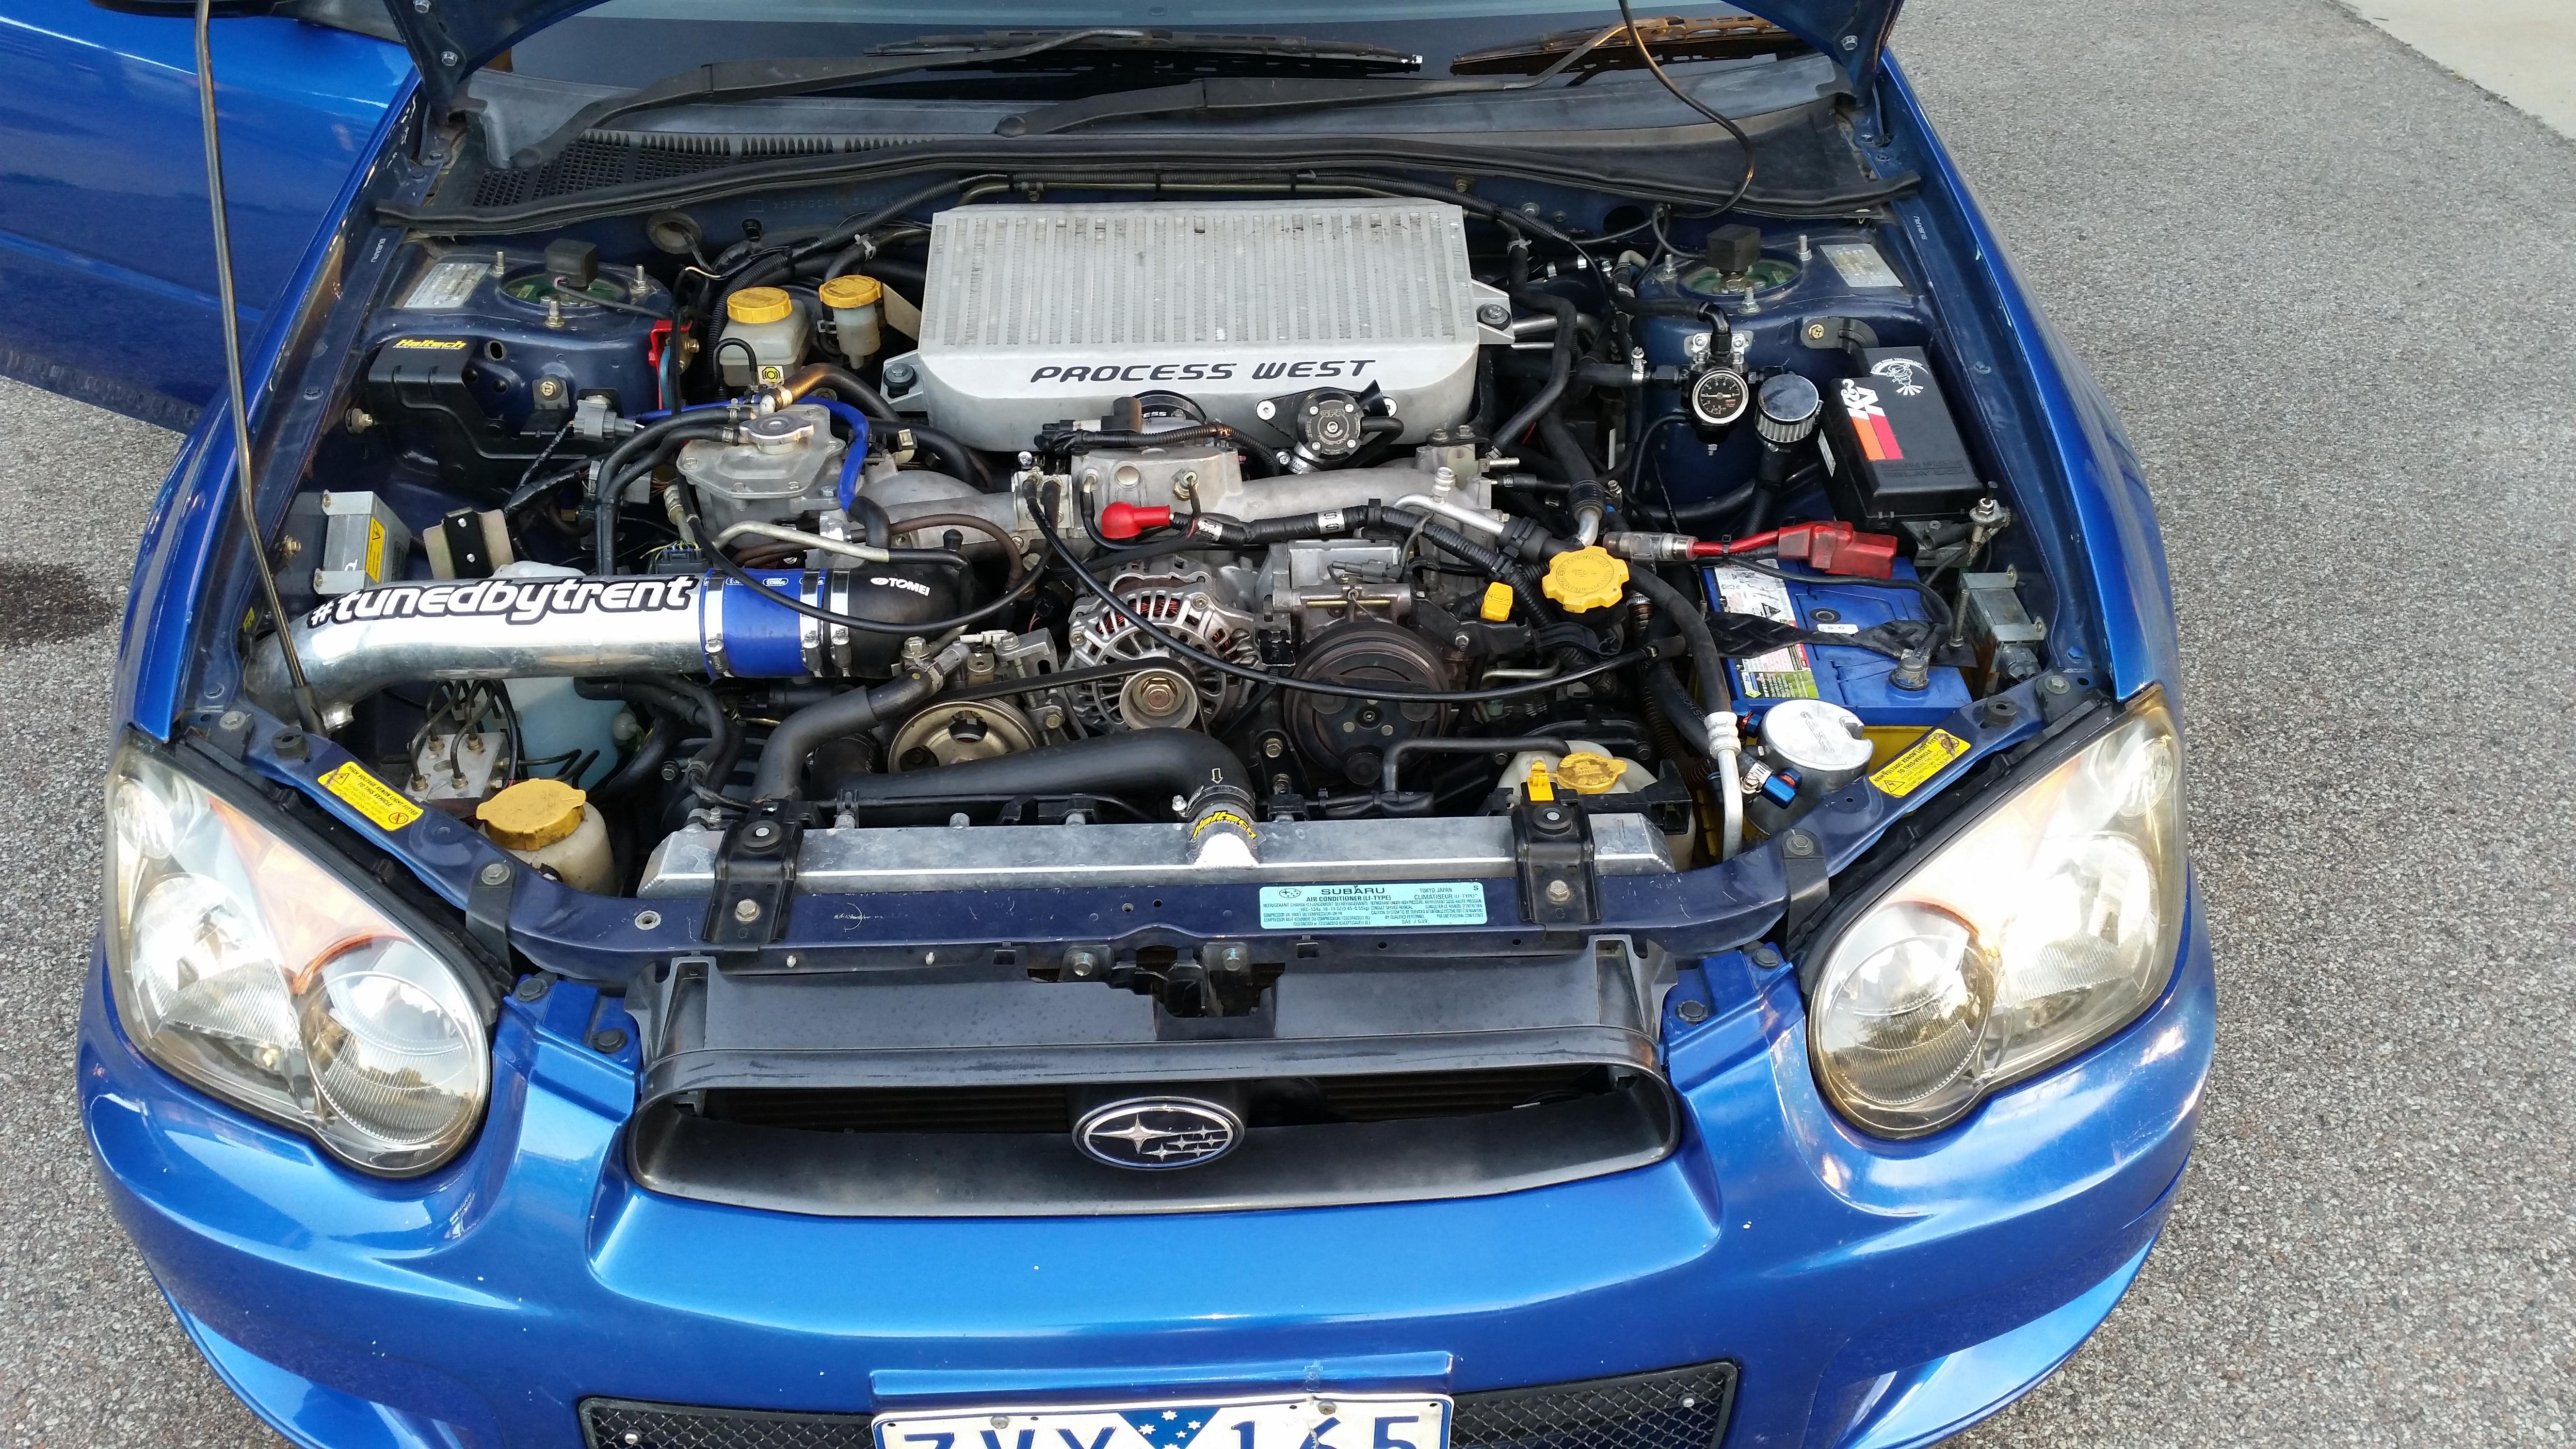 2004 Subaru Impreza WRX Petter Solberg AWD MY04